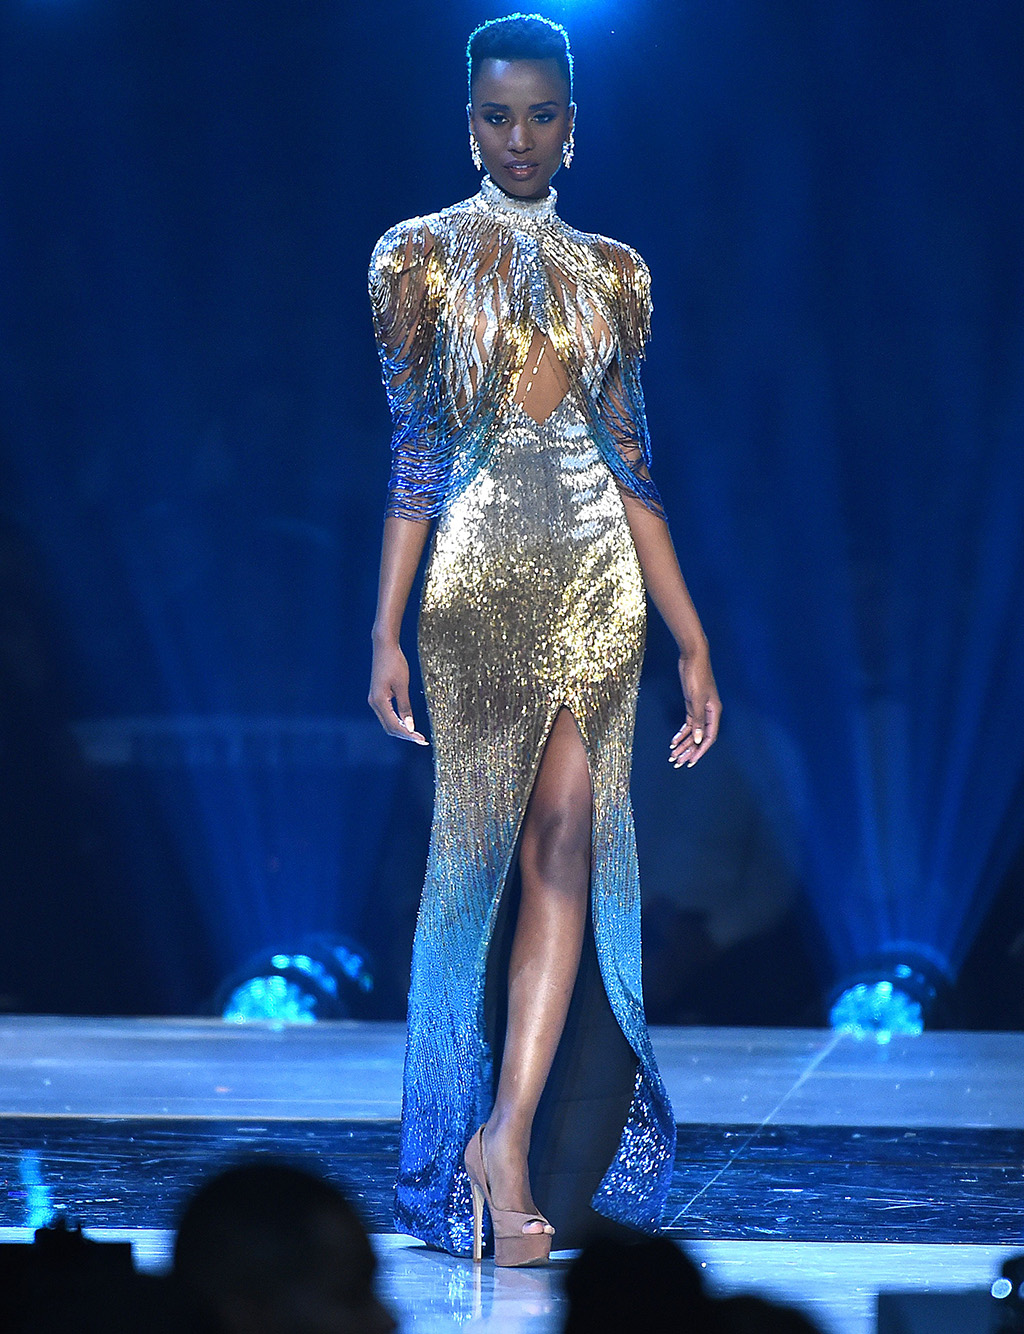 zozibini-tunzi-in-biji-gown-2019-miss-universe-competition-in-atlanta